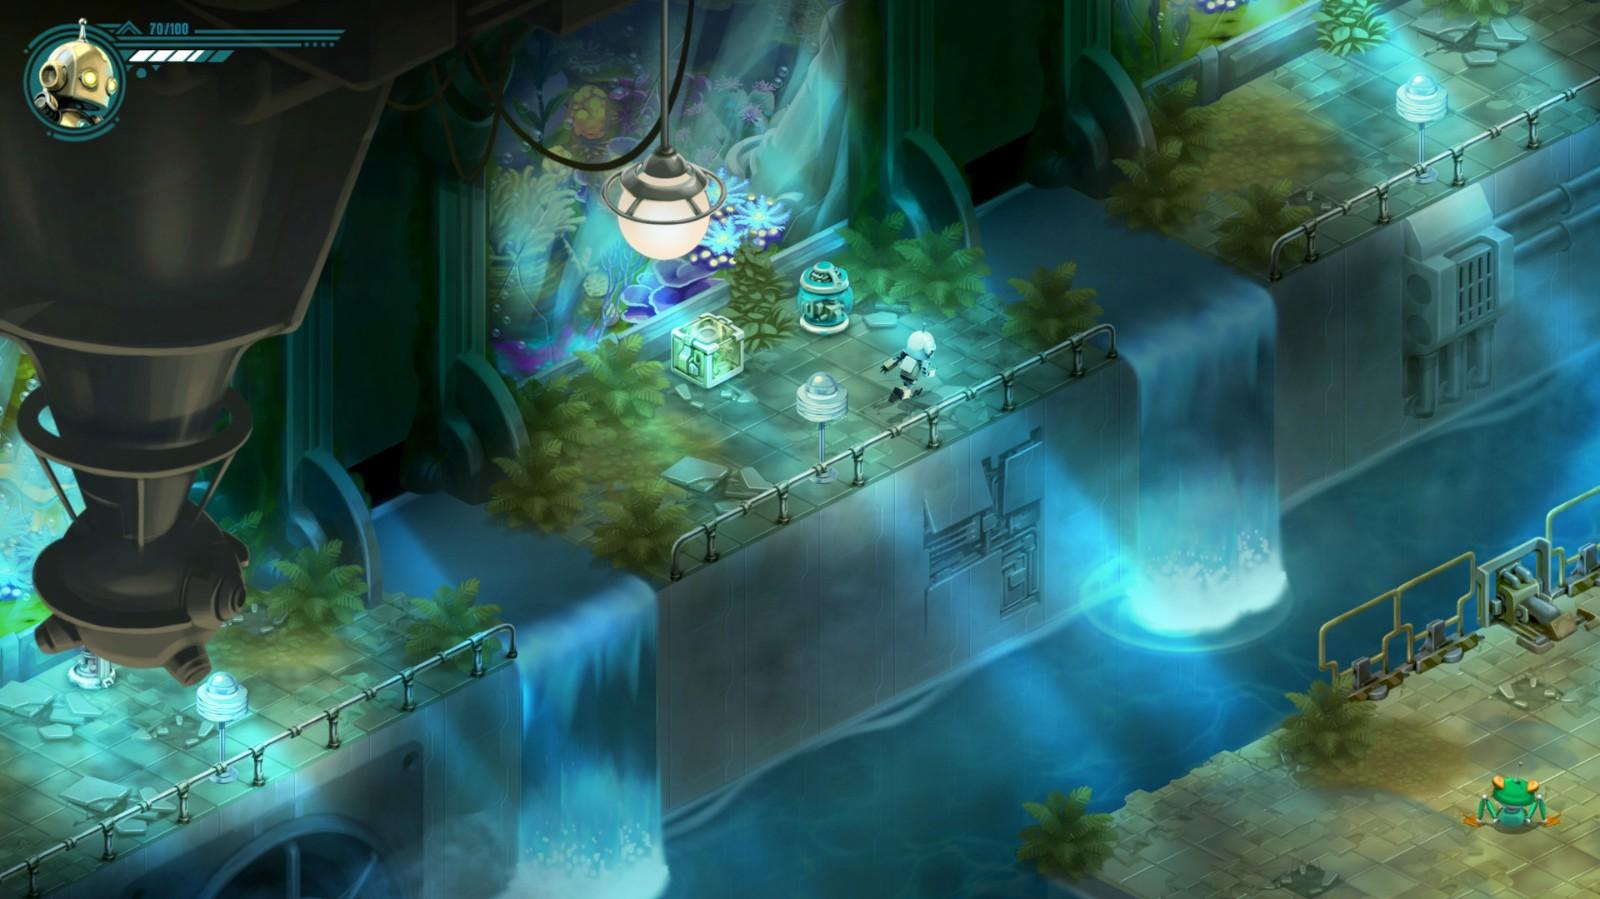 動作解謎遊戲《複古機械城》將於5月12日發售